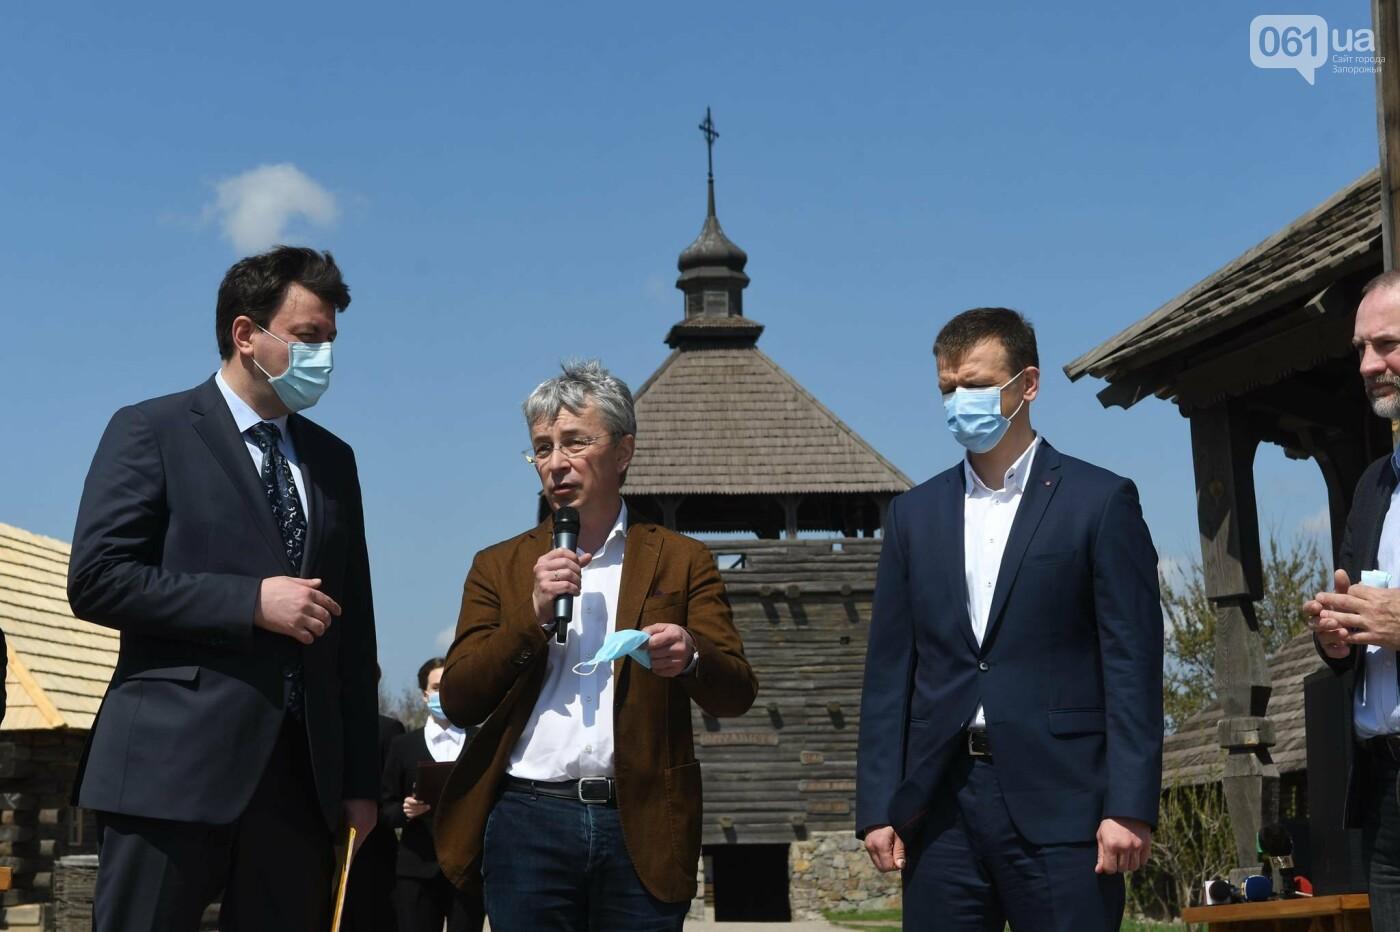 Министр культуры назвал сроки реконструкции кургана на Хортице - как будет выглядеть объект, - ФОТО, фото-4